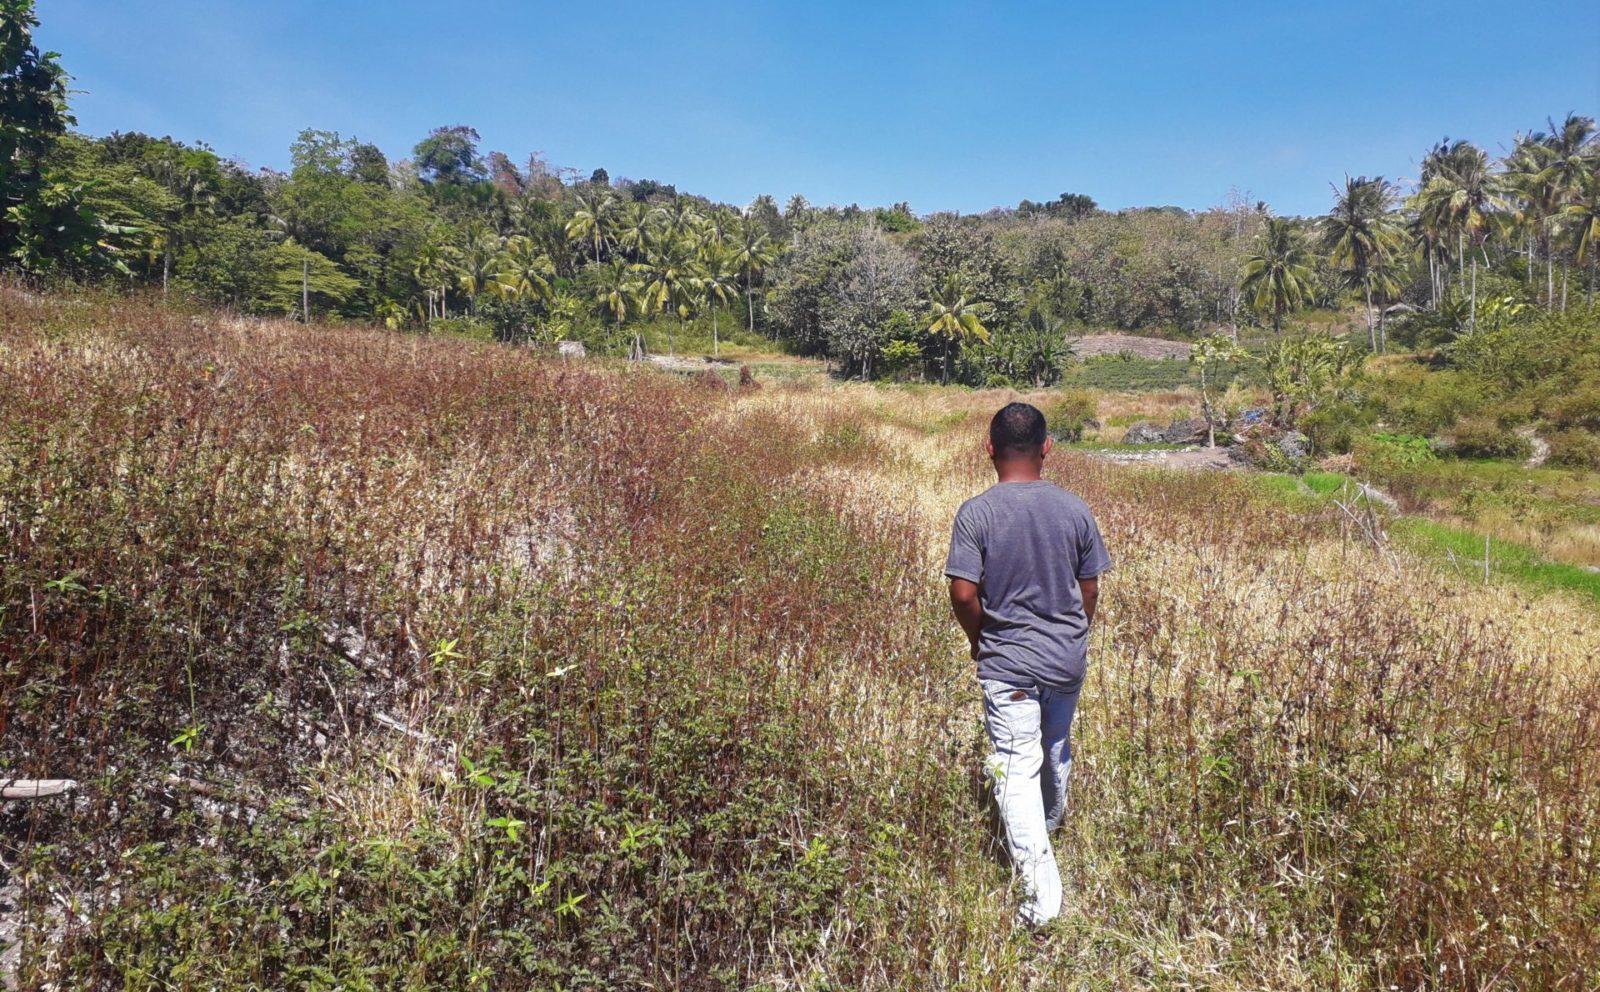 Indonesien Agroforstwirtschaft Mamar